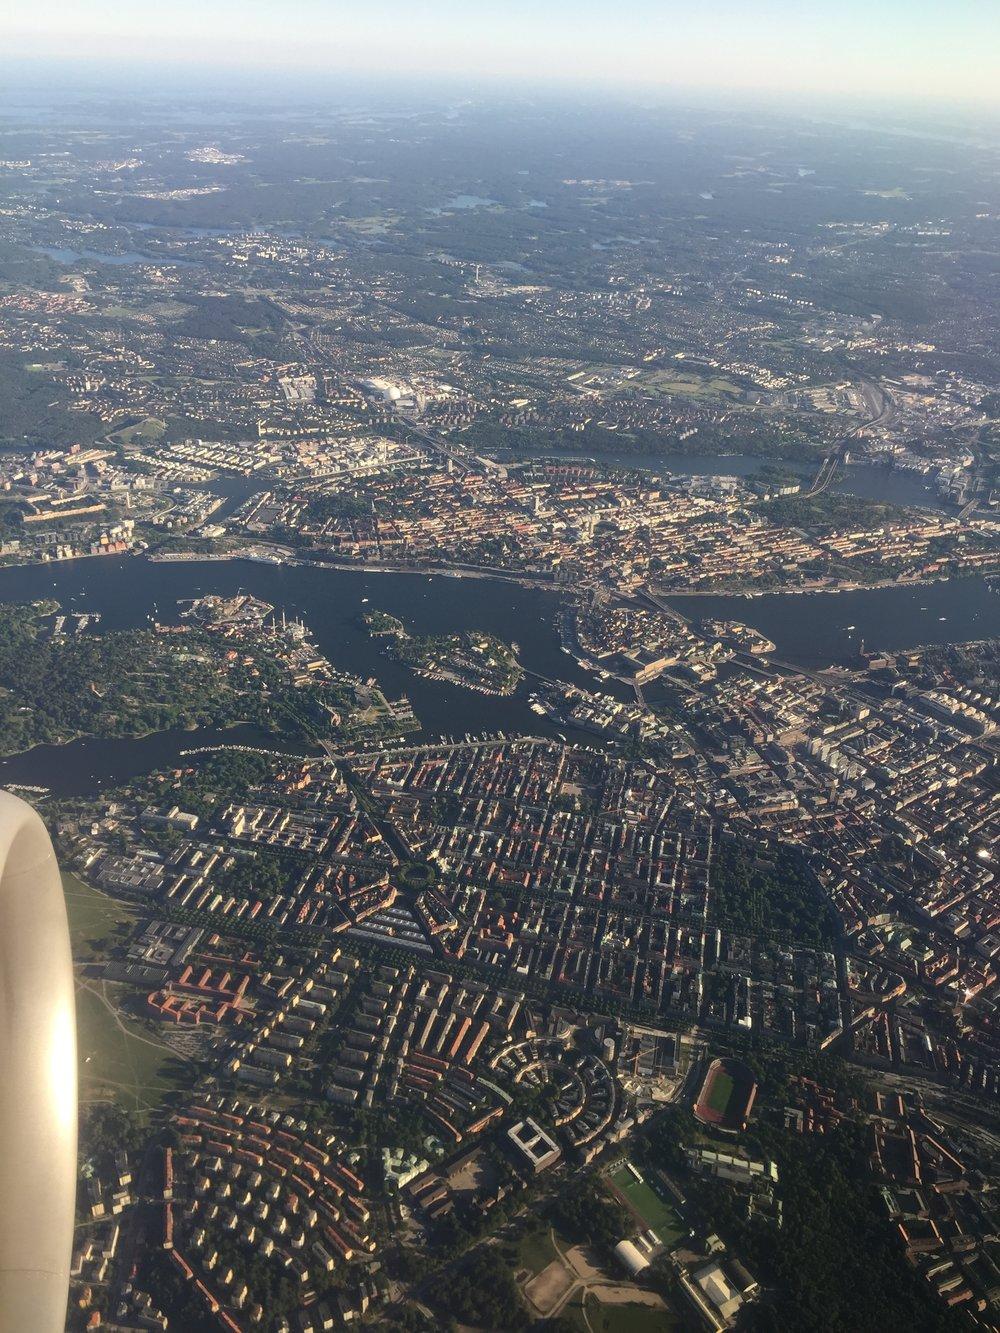 20.00    F ramme! Ser ni gamla stan o slottet? Jättevacker inflygning över Stockholm. Tog flygbussen till city och min äldsta dottern. Enkelt och smidigt, och dessutom billigt. Sedan en kort promenad längst Rörstrandsgatan, som är full av uteserveringar och fulla med glada människor i sommarvärmen.   Arrived! Can you see the Old Town and the Royal Castle? Really nice view over Stockholm on this flight. Took the bus into city. Easiest way to go to my daughters place. And then a short walk along busy Rörstrandsgatan. Full of outdoor restaurants which are full with happy Swedes, enjoying the early summer.